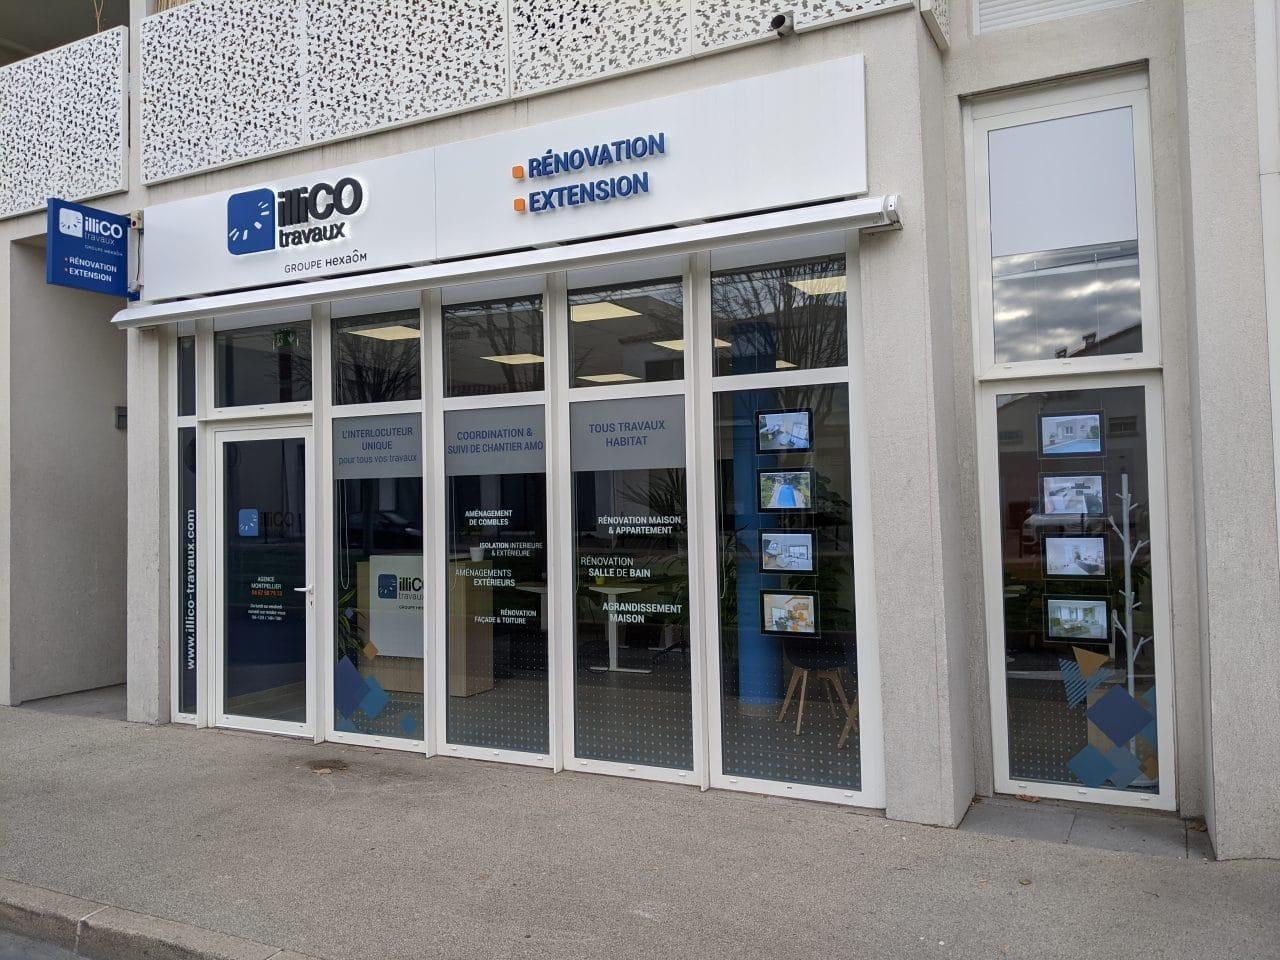 Agence illiCO travaux Montpellier Vue extérieure